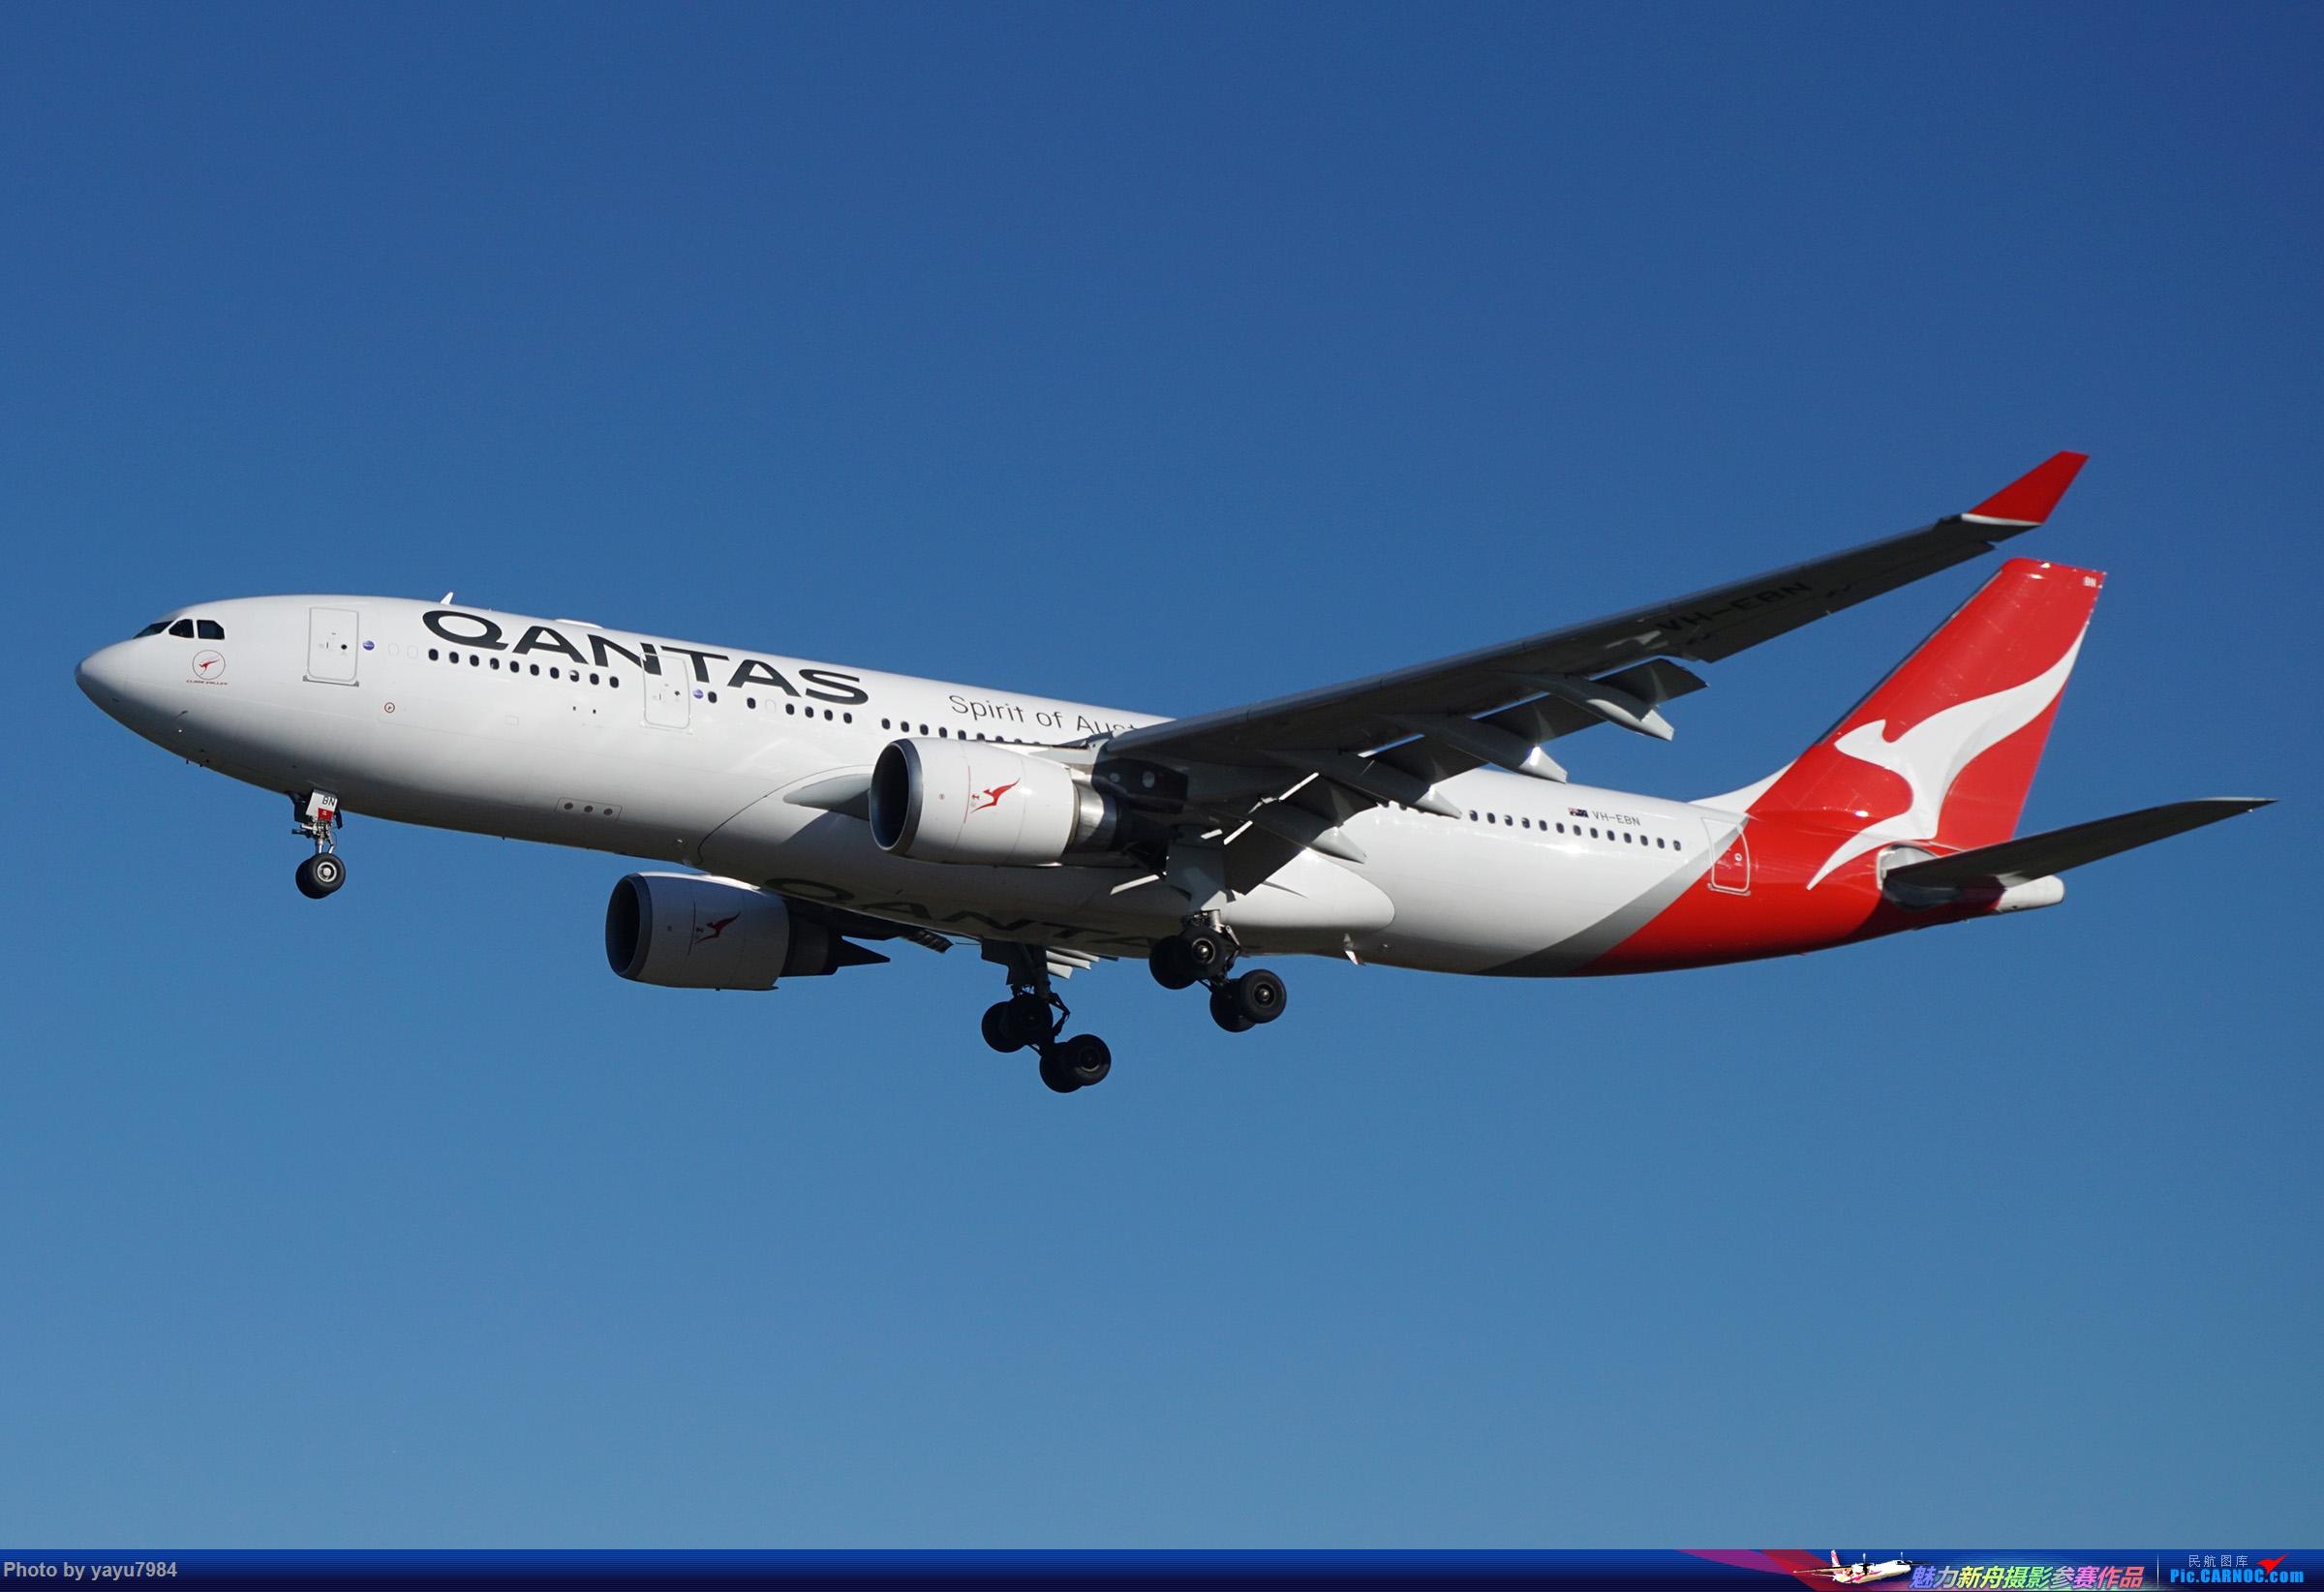 [原创][SYD] 晨悉尼,16R扎堆到达 AIRBUS A330-200 VH-EBN 澳大利亚悉尼金斯福德·史密斯机场